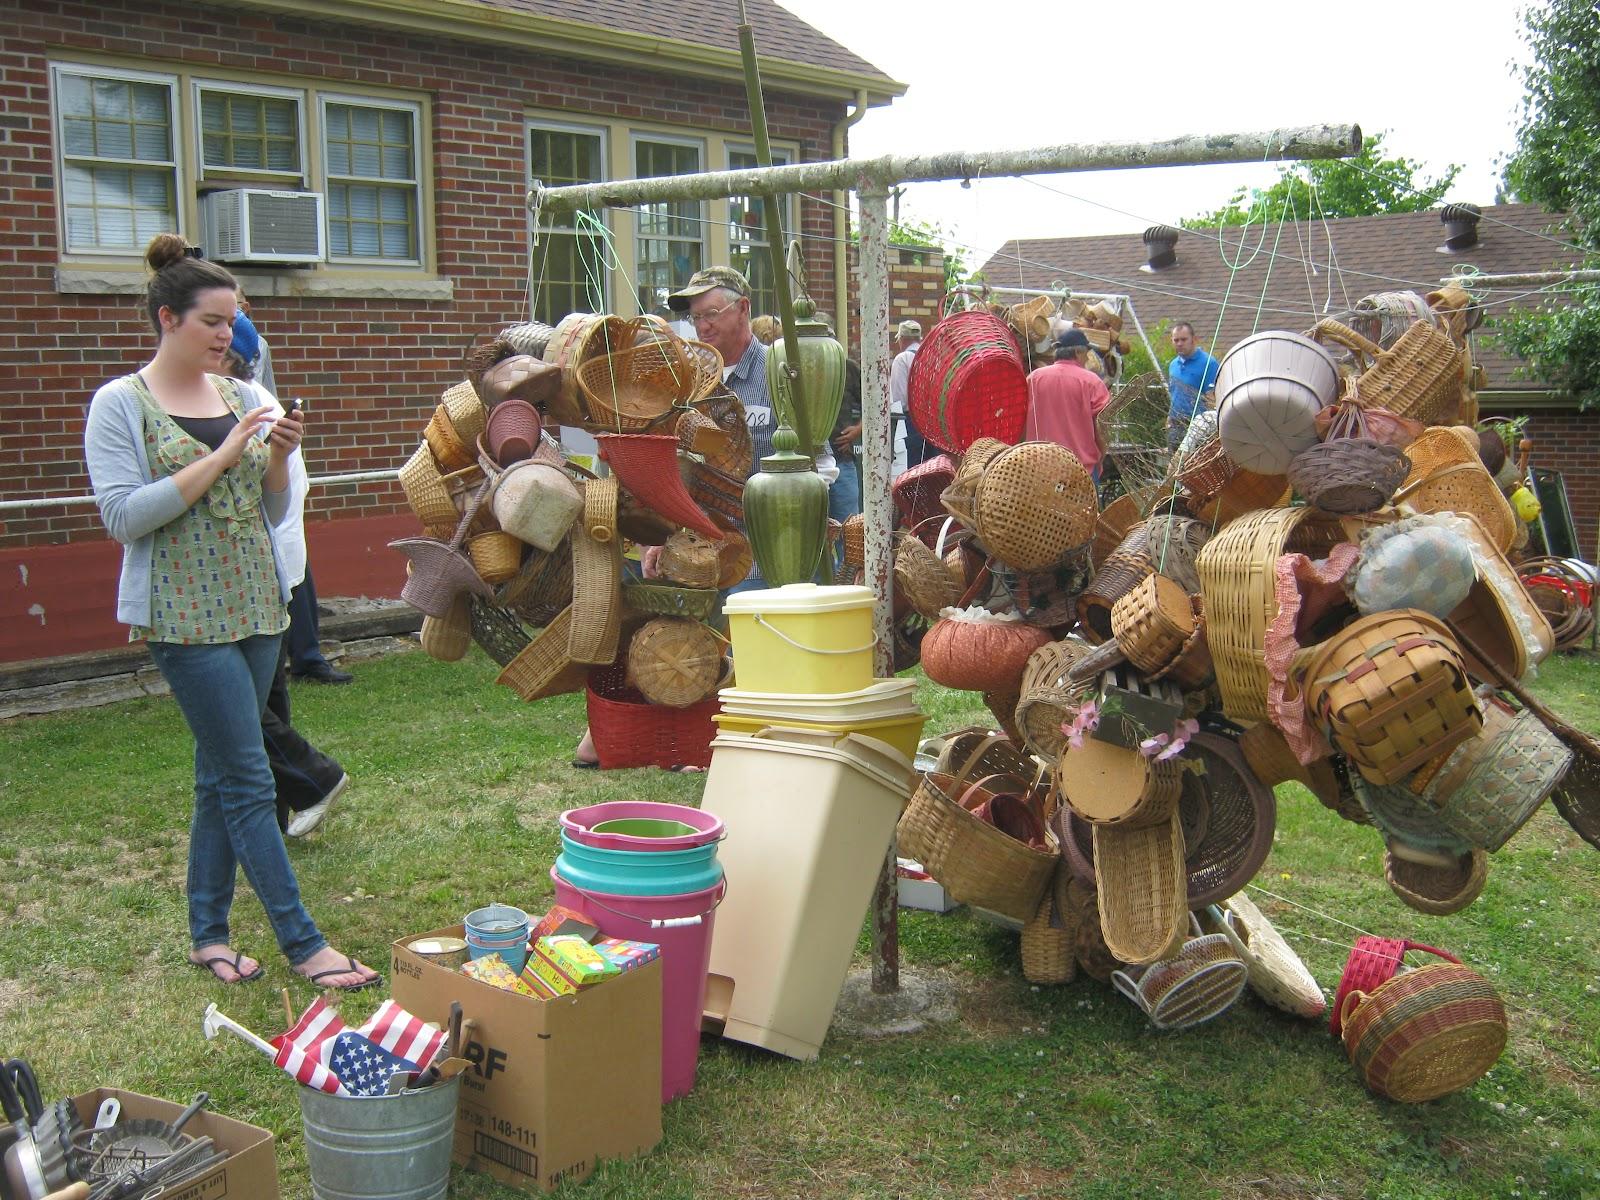 http://4.bp.blogspot.com/-j_LfpuWKT3E/T57H0gqAjMI/AAAAAAAAGVQ/FKOxdXO1KRs/s1600/30+megan+baskets+auction.JPG